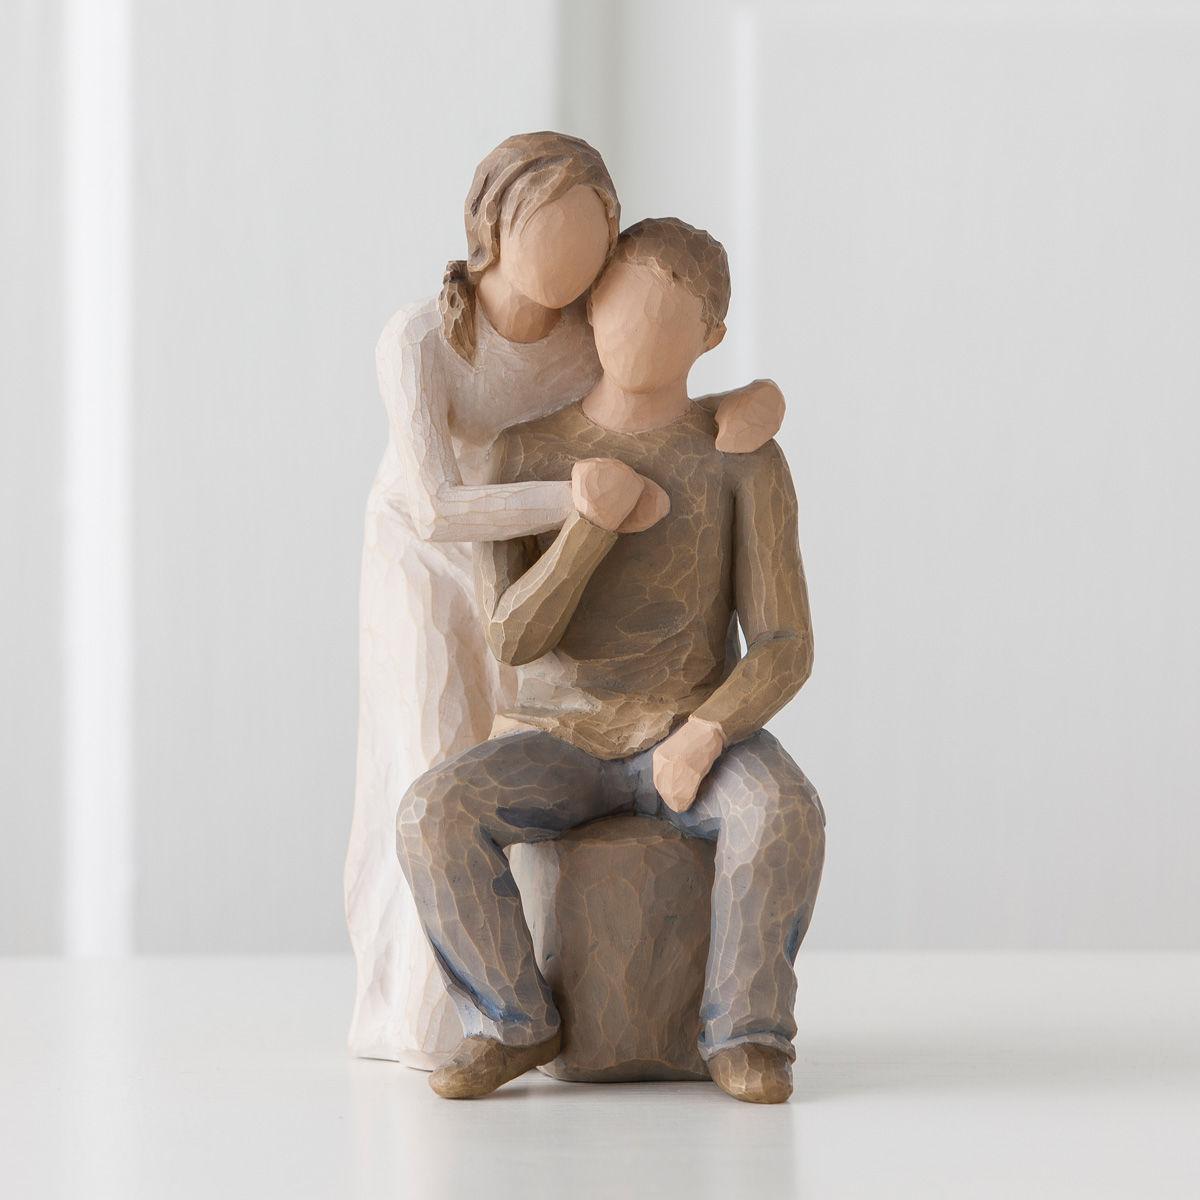 ユー アンド ミー【Willow Tree ウィローツリー】 置物 彫像 フィギュア オブジェ 癒し 贈り物 インテリア メモリアル 結婚祝い 結婚記念日 夫婦 カップル ウェディング 正規代理店 #26439